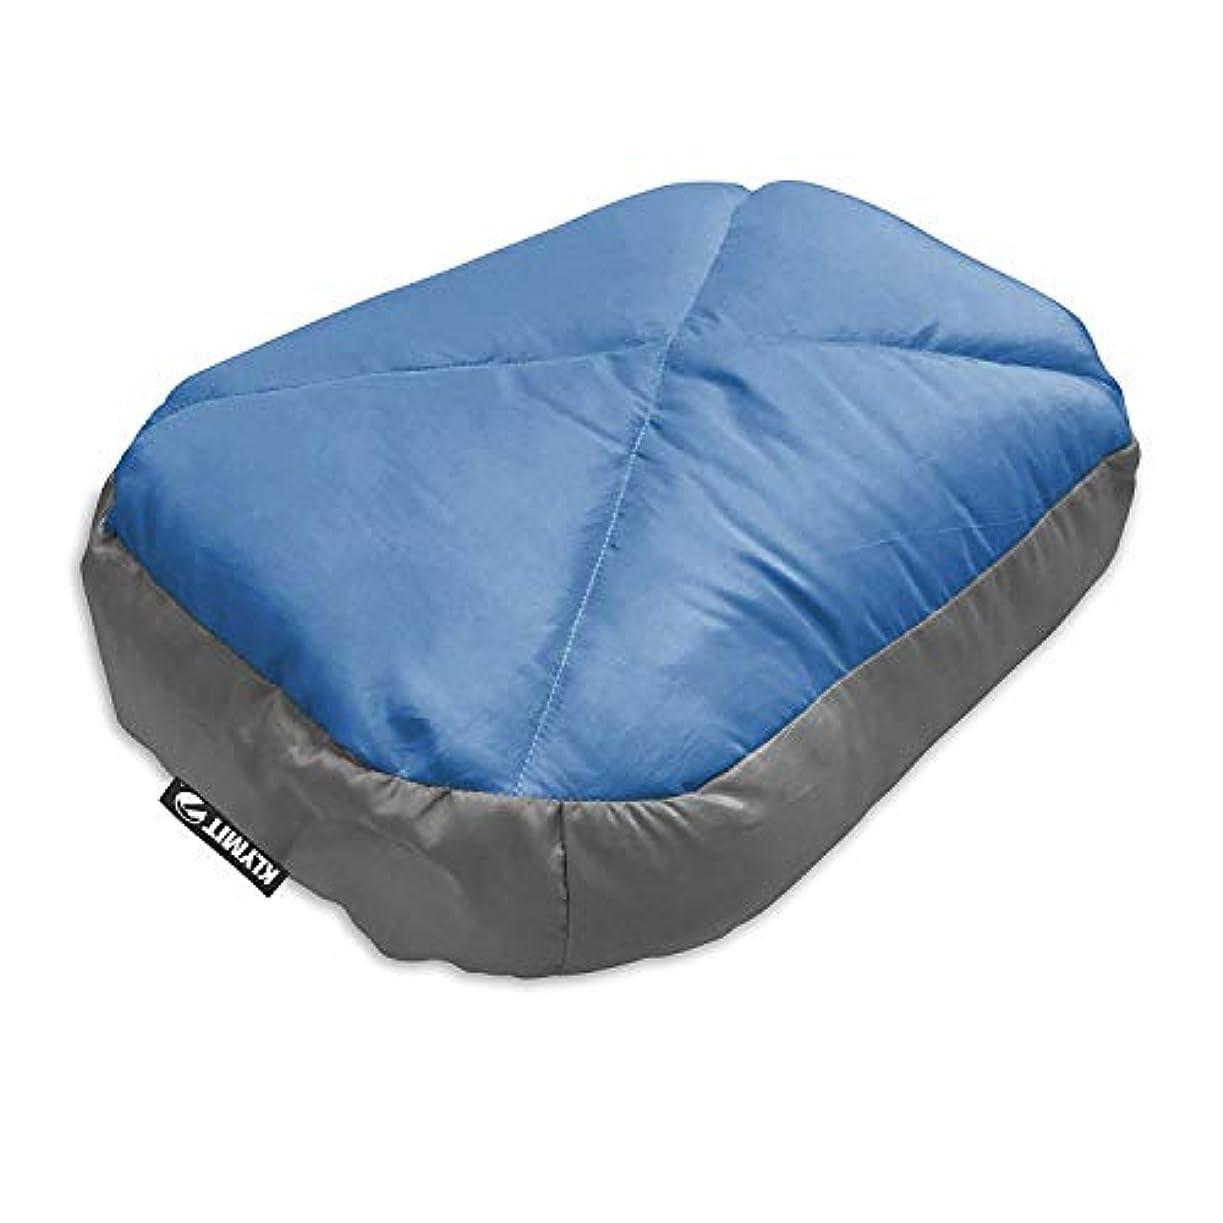 破壊的脚本家不要Klymit Top Down Pillow (12DPBL01C), Gray/Blue [並行輸入品]